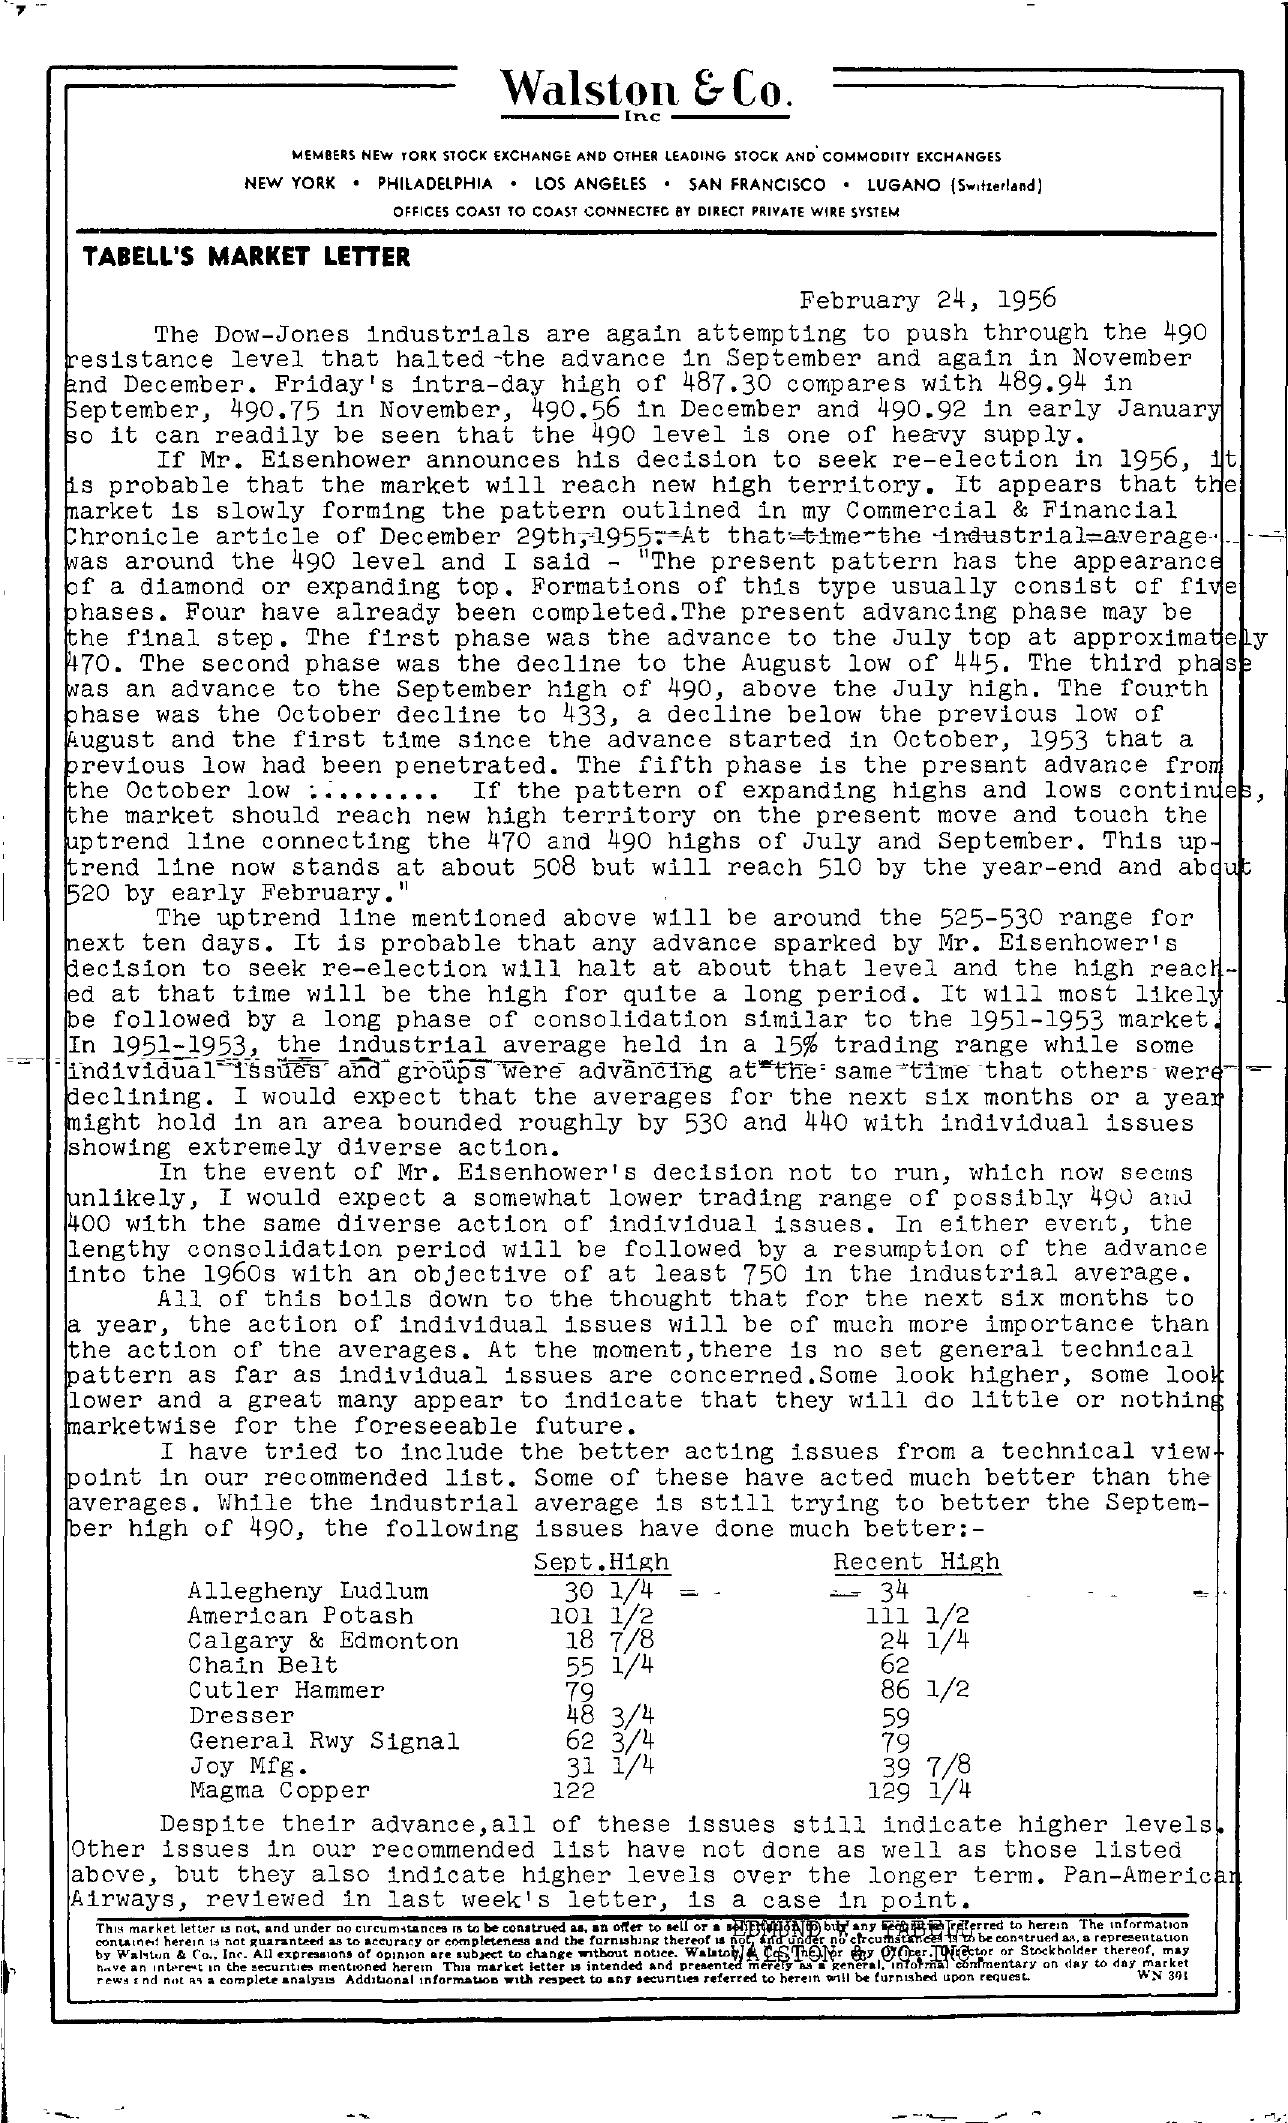 Tabell's Market Letter - February 24, 1956